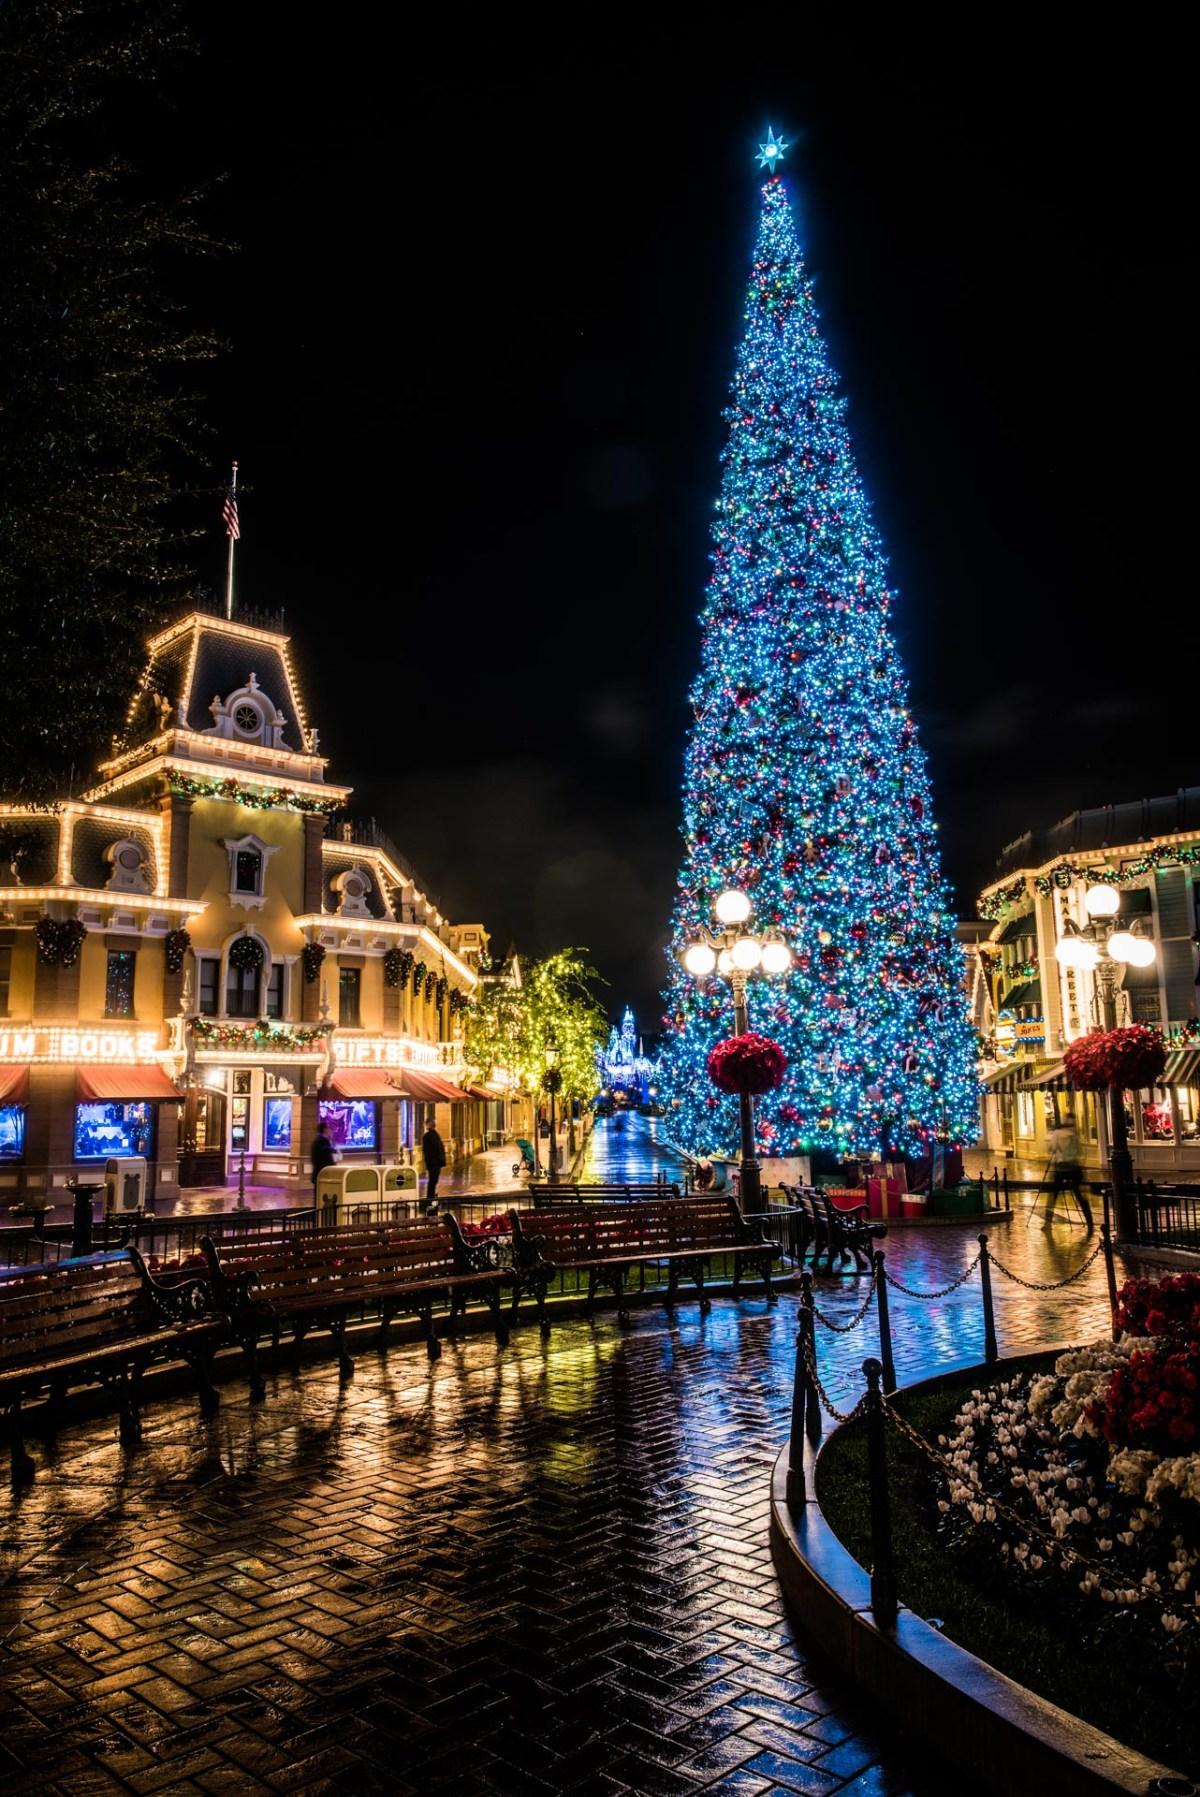 Christmas at Disneyland - Christmas Tree